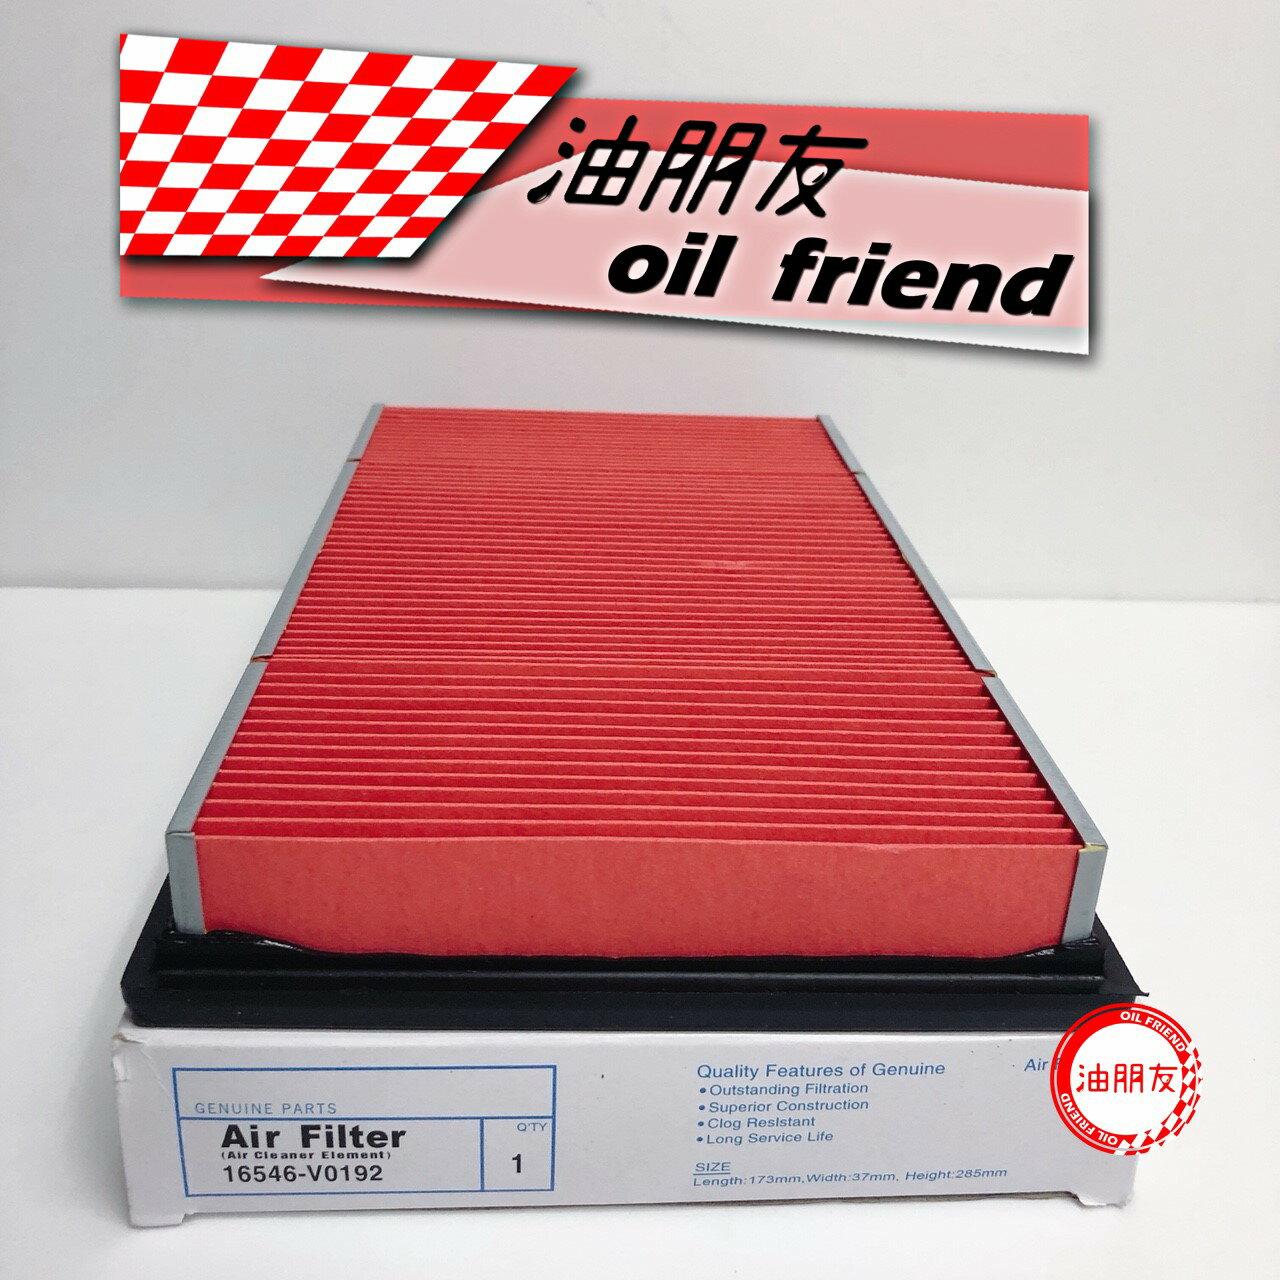 -油朋友-   NISSAN 日產 teana 2.0 2.3 3.5 04-08 空氣濾網 空氣濾芯 空氣芯 副